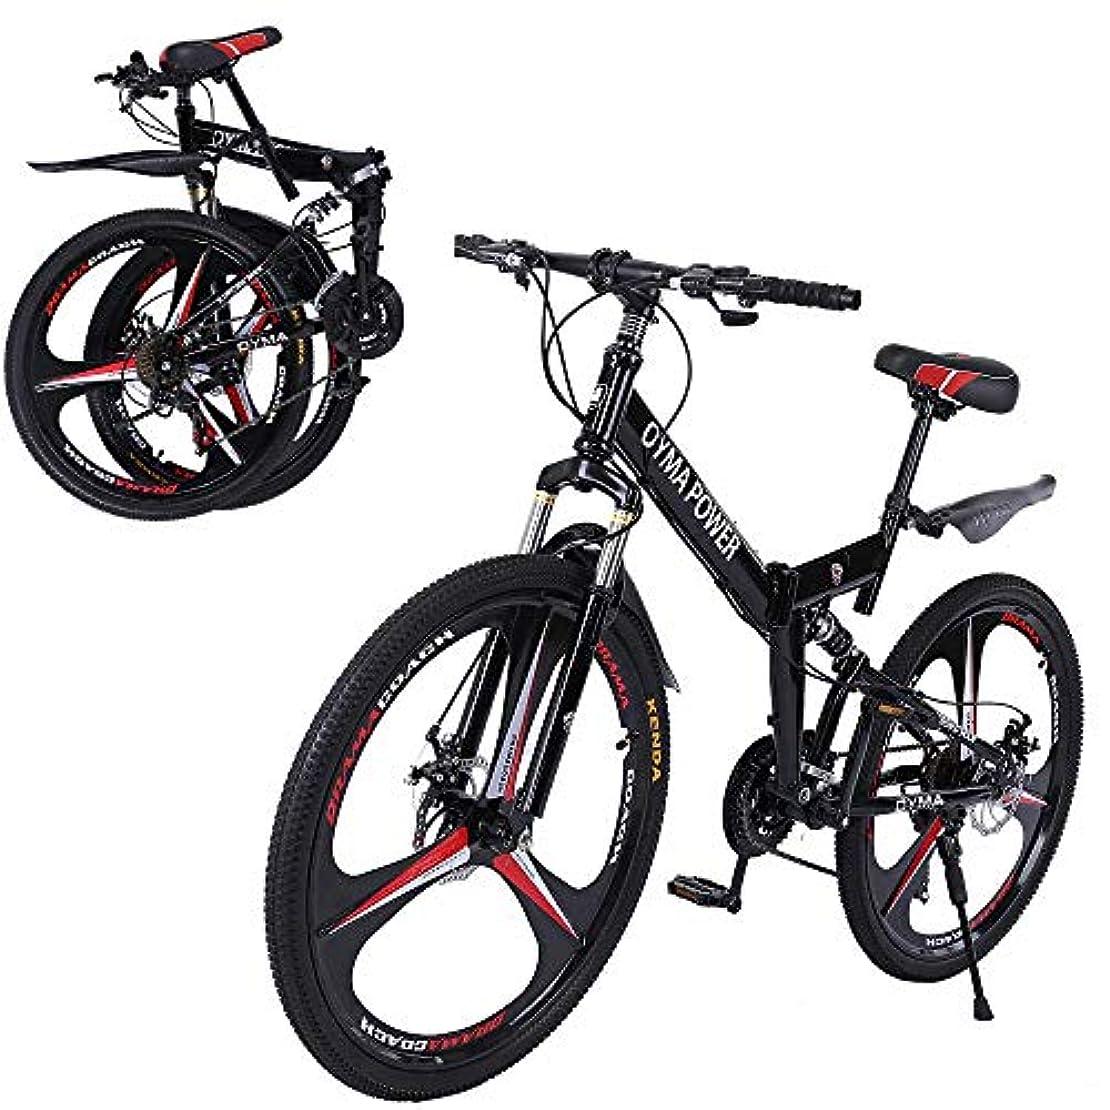 上げる驚き決済大人用26インチマウンテンバイク、ユニセックス折りたたみ屋外自転車、フルサスペンションMTBバイク、屋外レーシングサイクリング、ダブルディスクブレーキ自転車、マグネシウムホイール